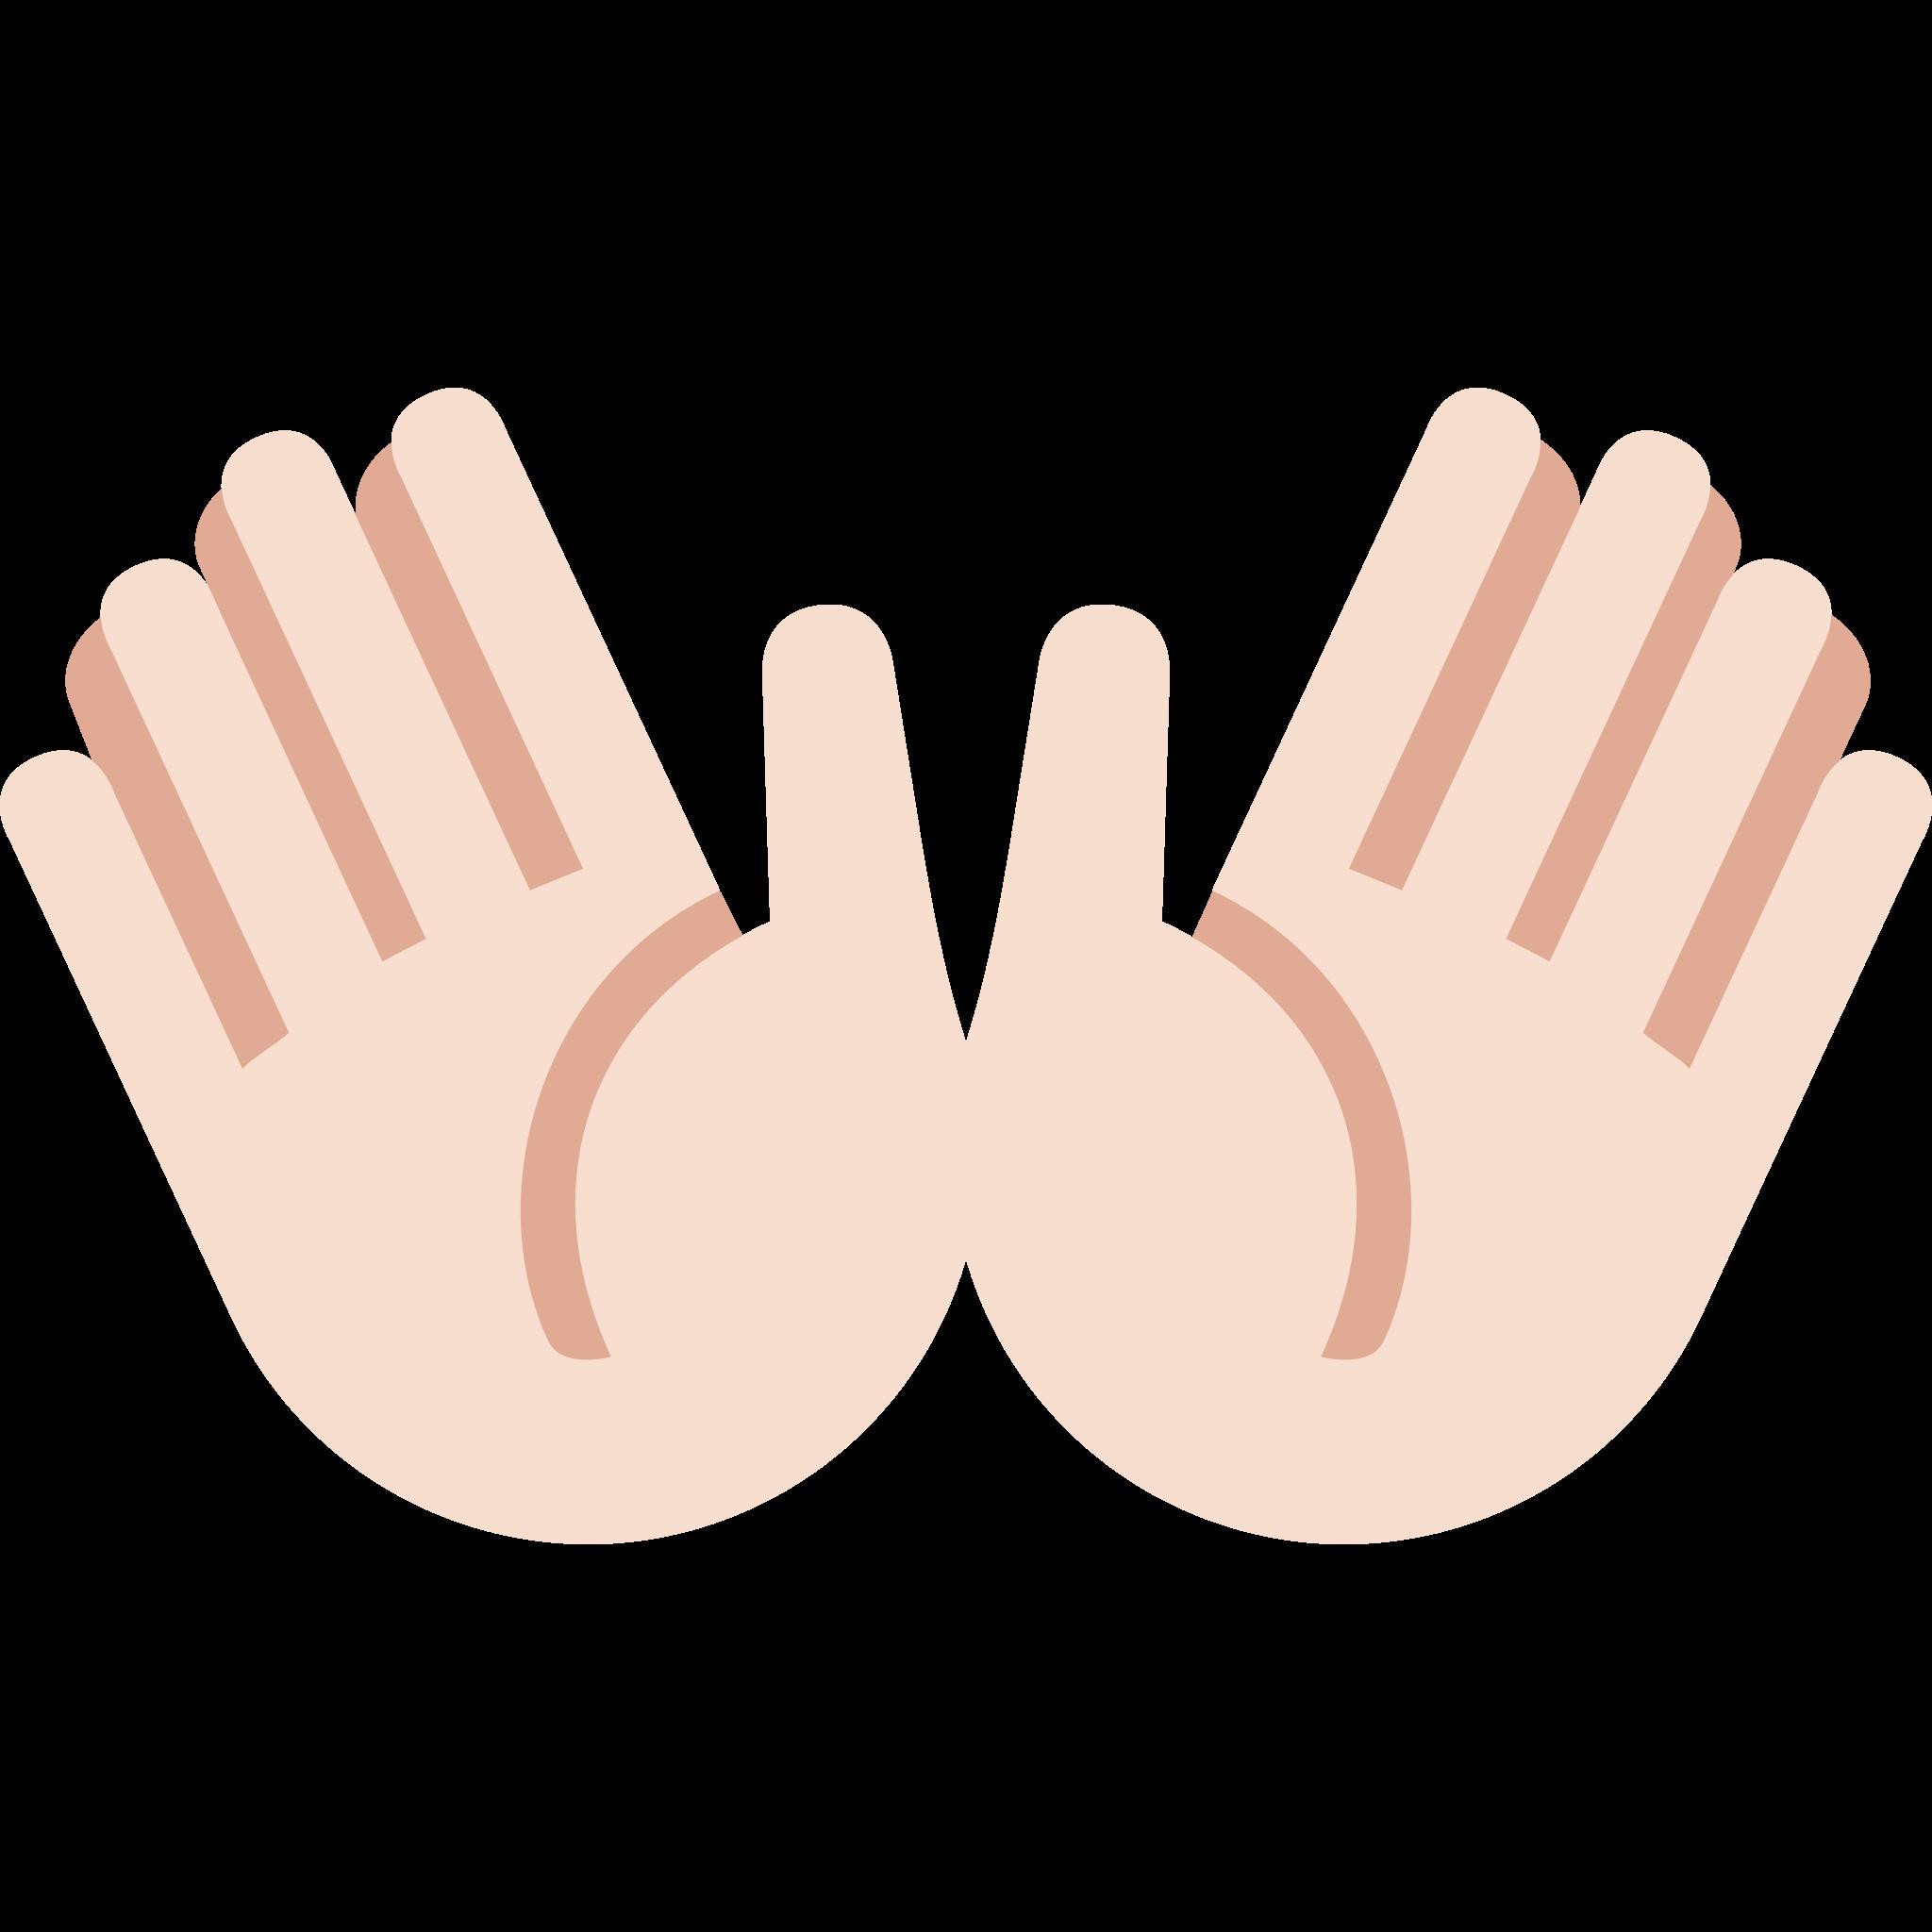 Open hands sign sticker